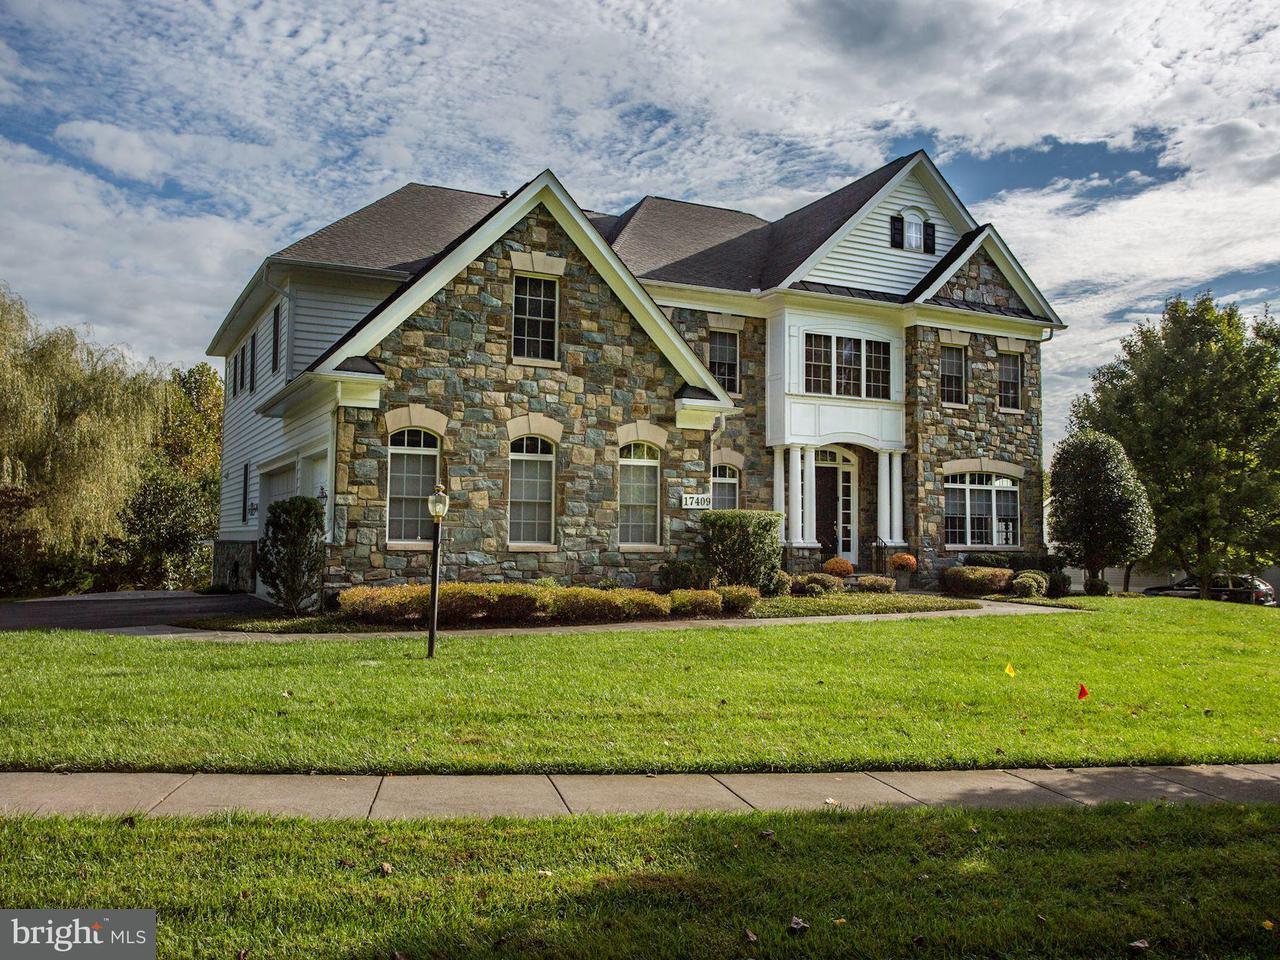 Μονοκατοικία για την Πώληση στο 17409 ASHTON GREEN Drive 17409 ASHTON GREEN Drive Sandy Spring, Μεριλαντ 20860 Ηνωμενεσ Πολιτειεσ